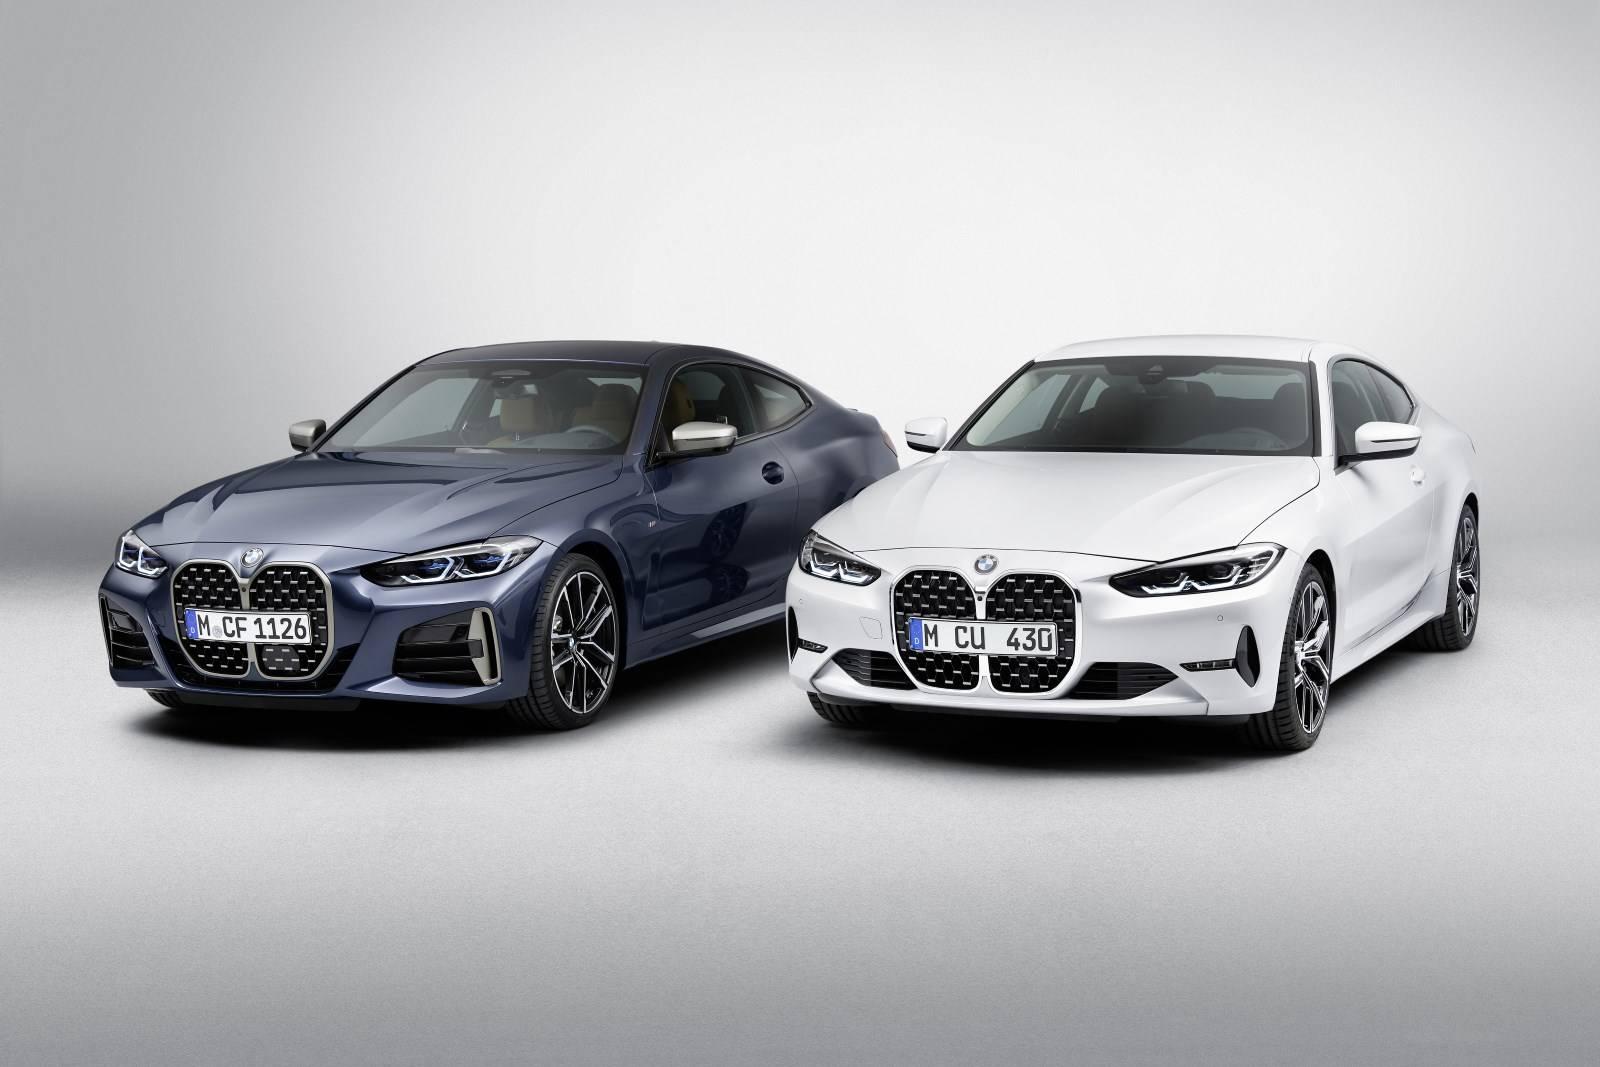 BMW 4 Series Coupe G22 - кардинально новый дизайн 11